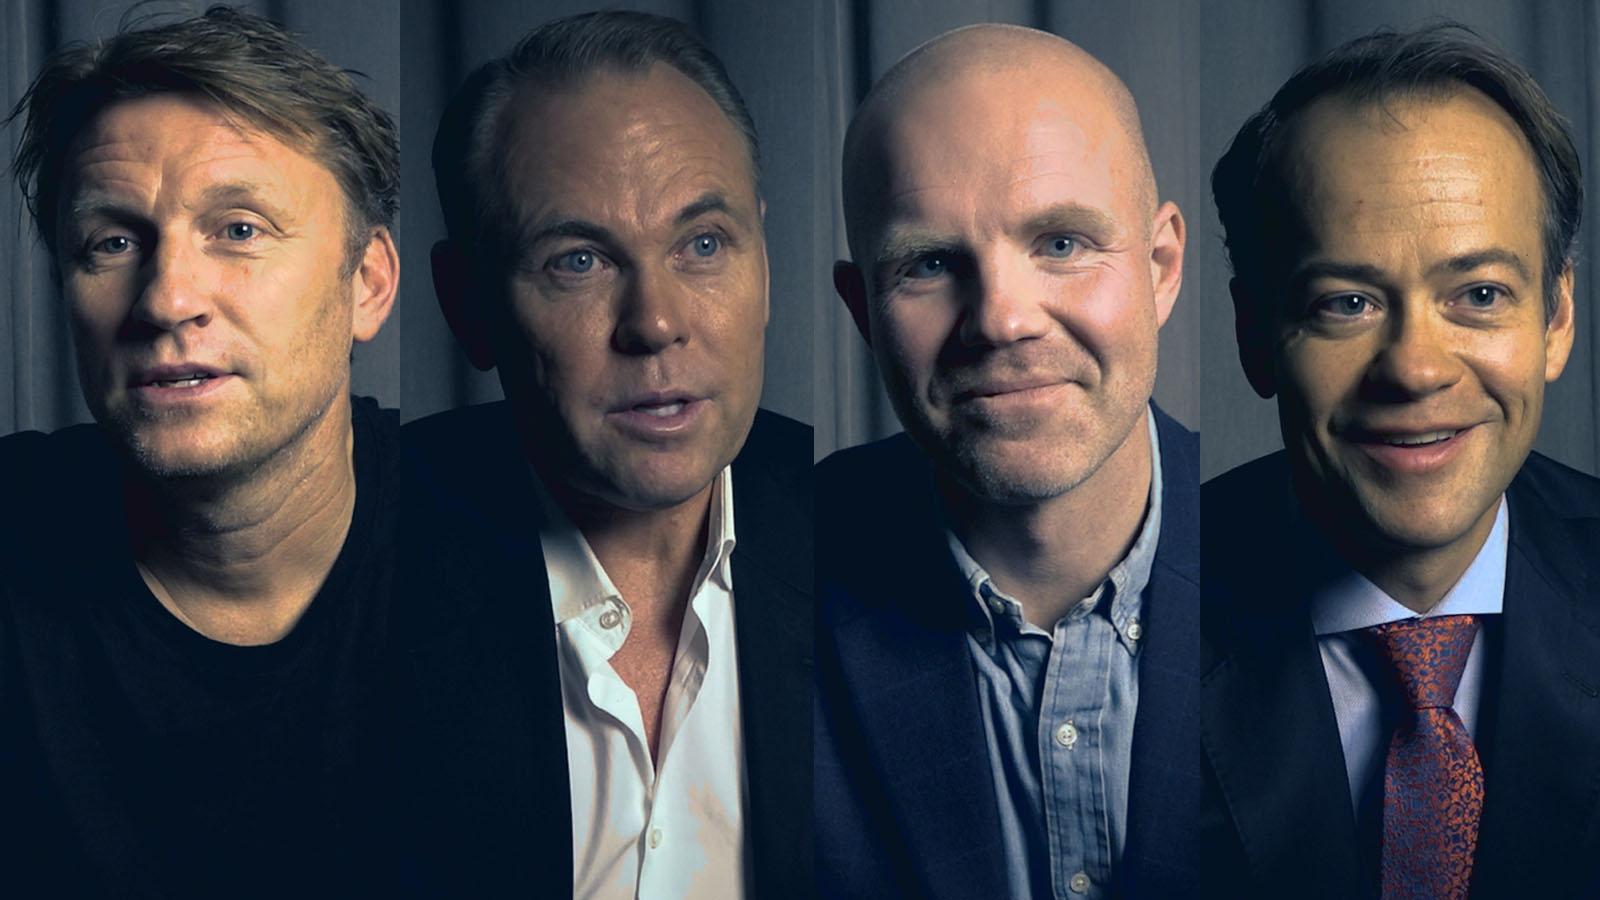 valberedningens nomineringar till IFK Göteborgs styrelse – Kennet Andersson, Anders Ovdahl, Peter Brandt och Richard Berkling